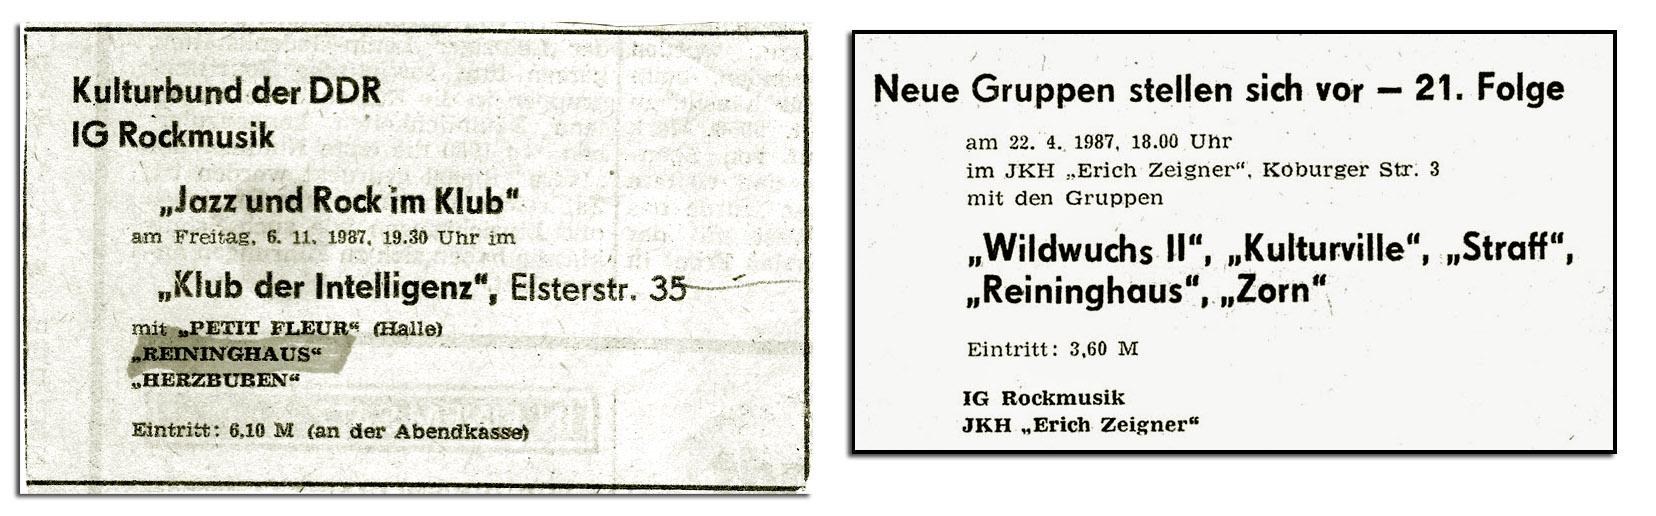 Zeitungsanzeigen_reininghaus_leipzig 1987